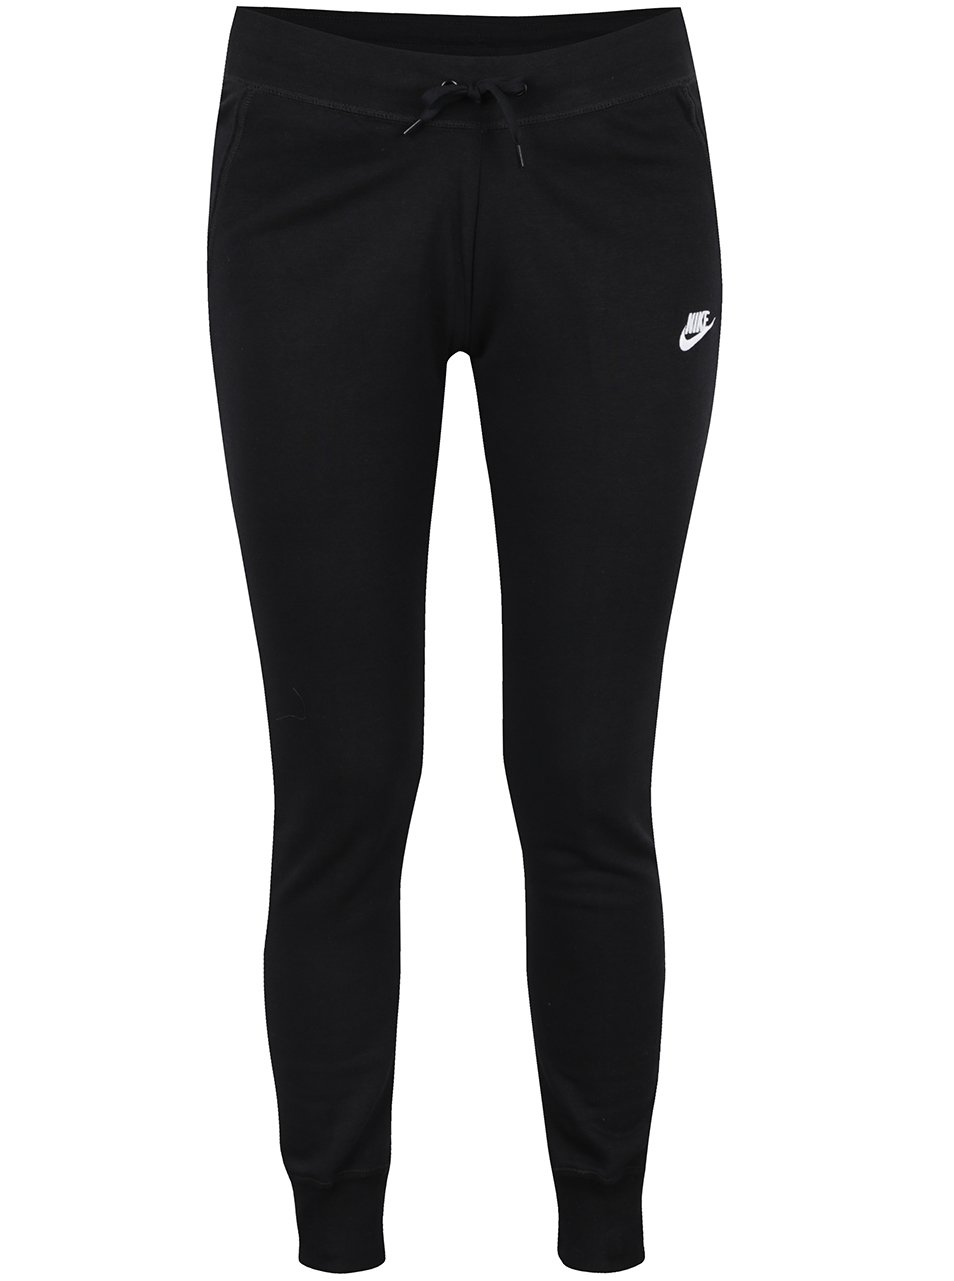 Černé dámské slim fit tepláky Nike